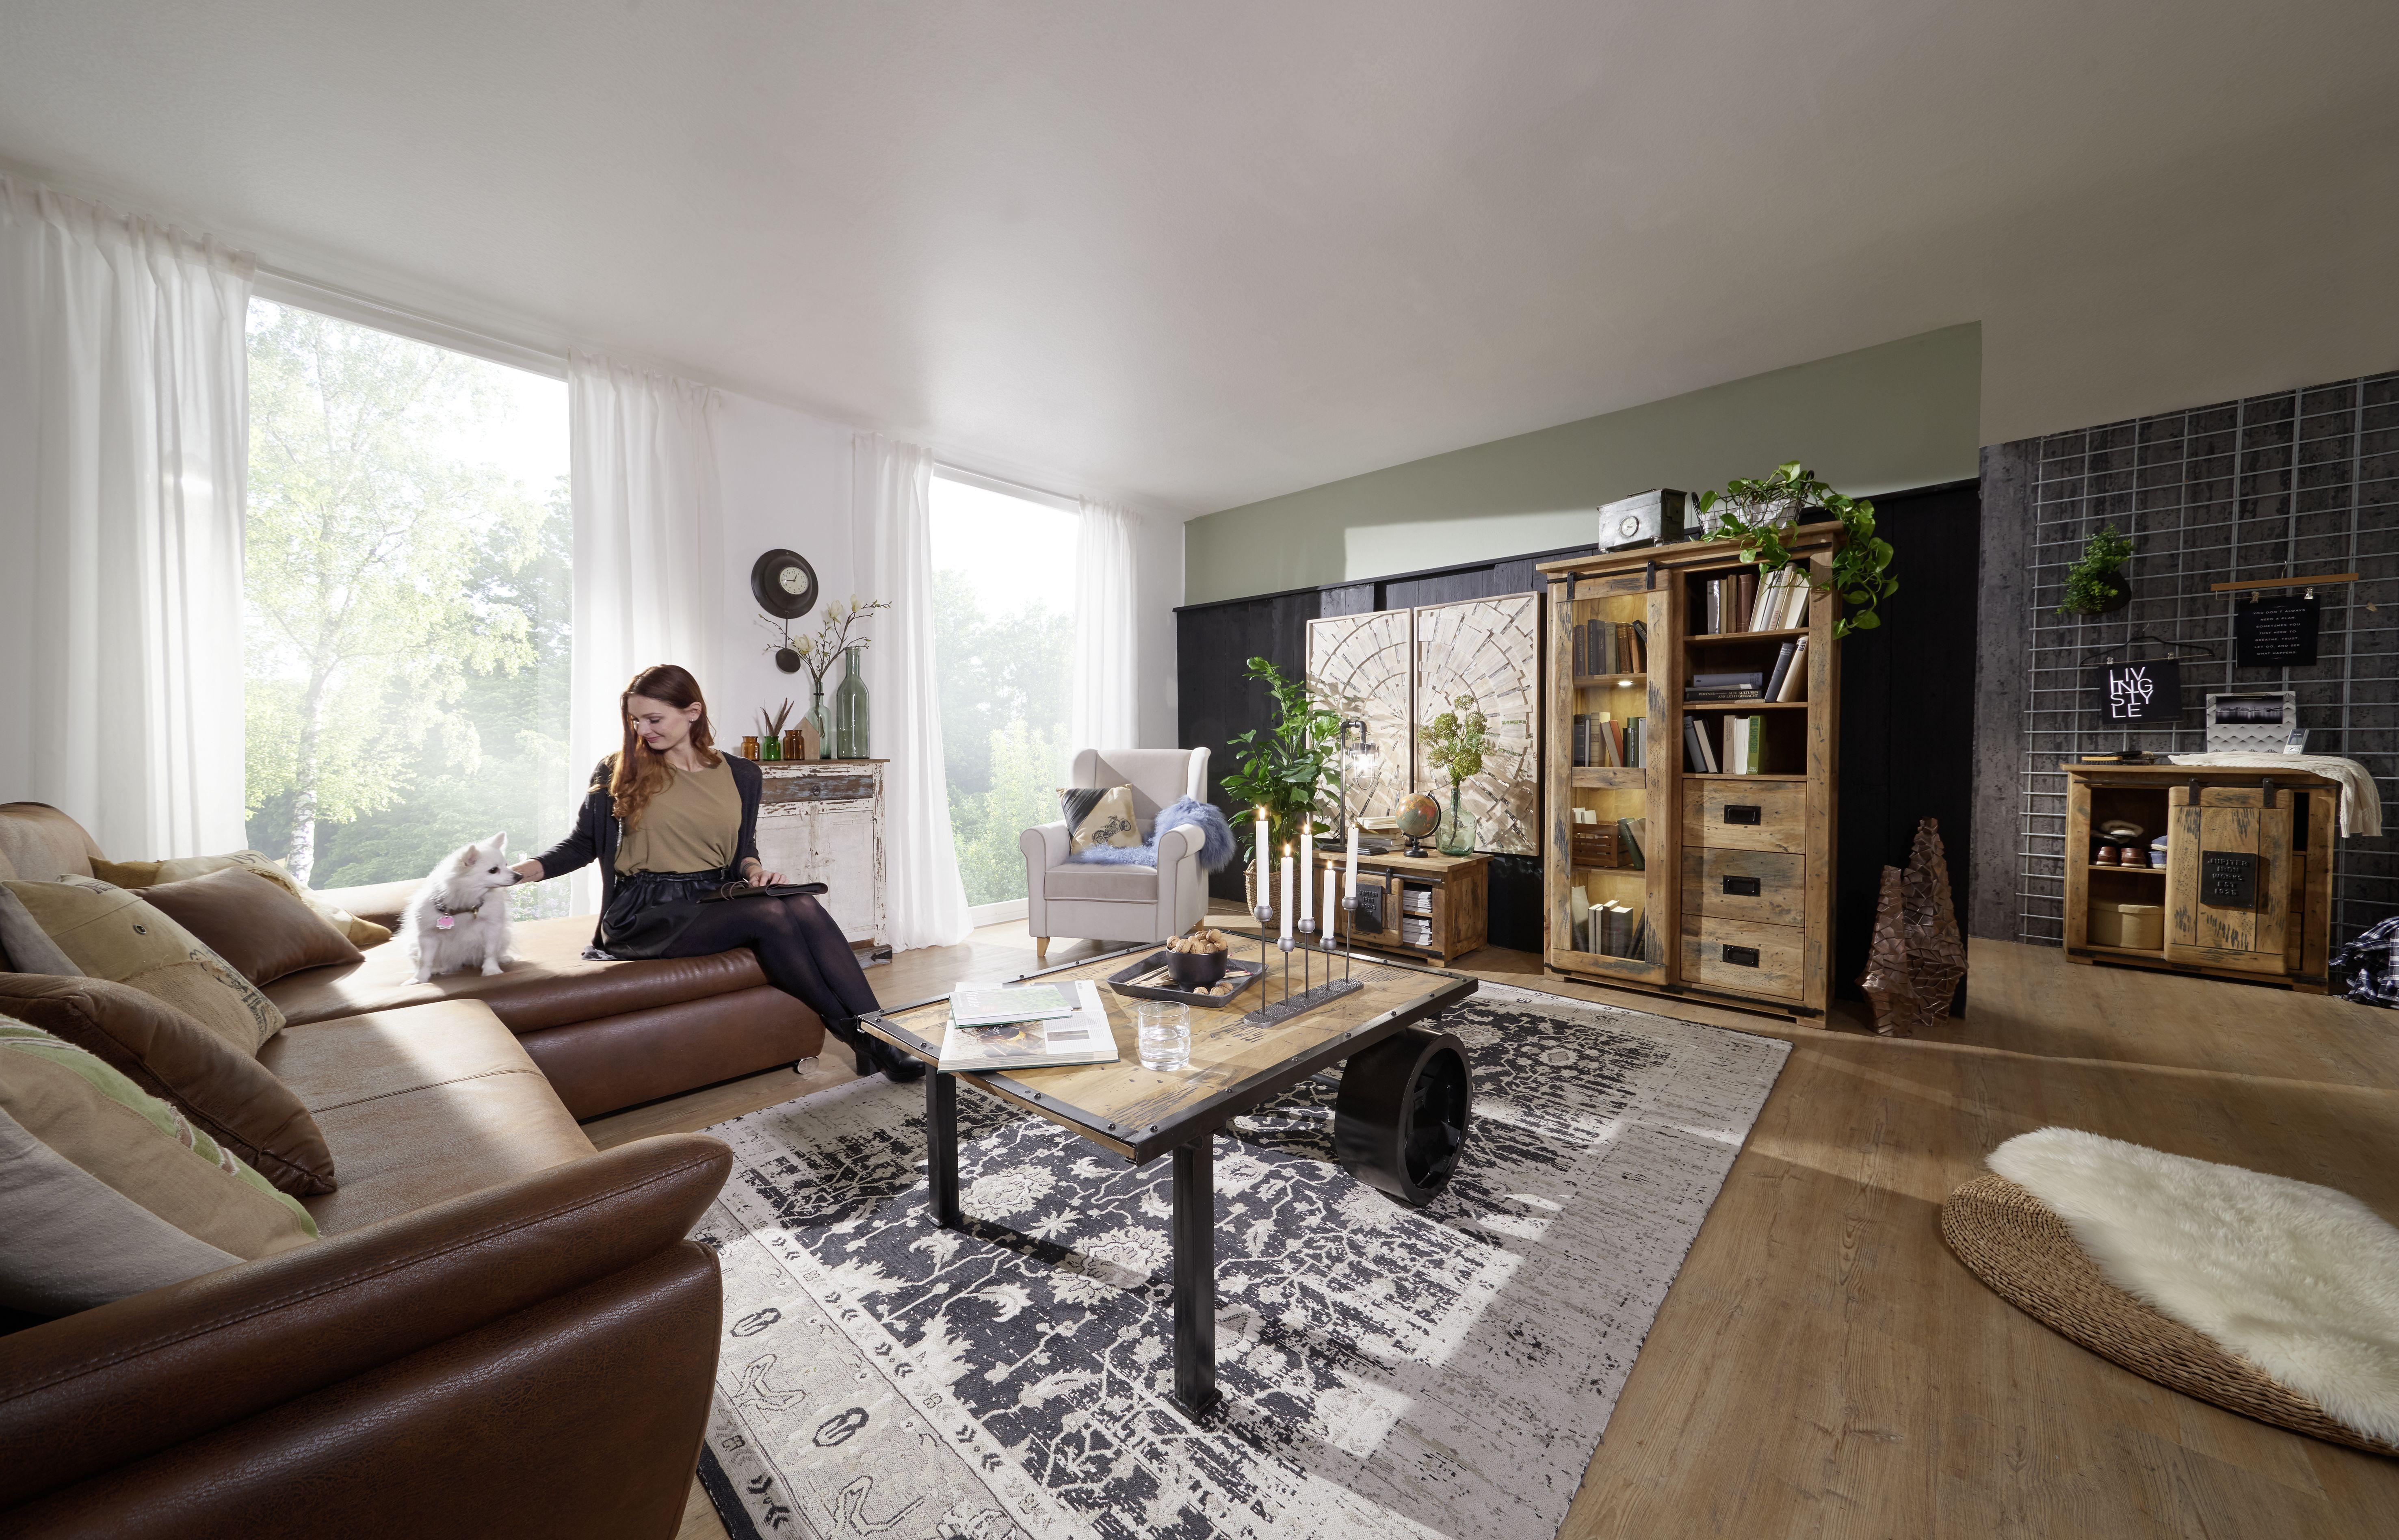 Wohnzimmer Kolonialstil ~ Möbelstücke im kolonialstil mit eisenbahnoptik dank der